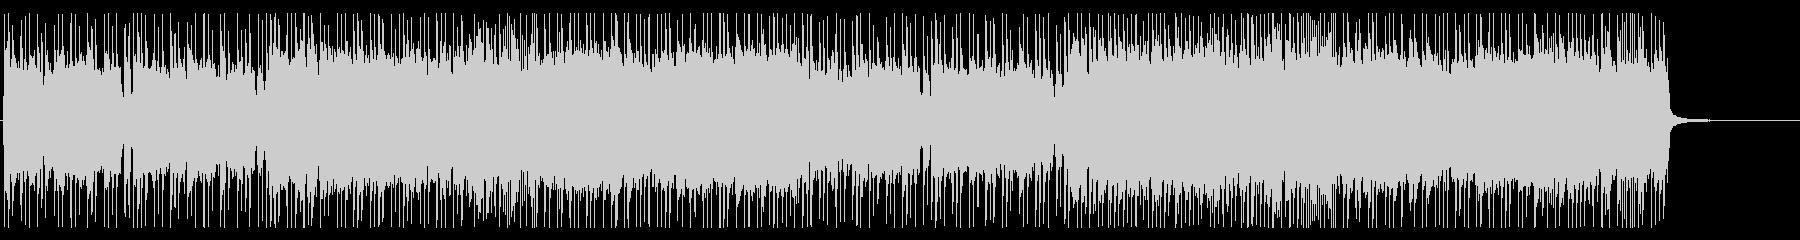 アップテンポでシンプルなメタルインストの未再生の波形